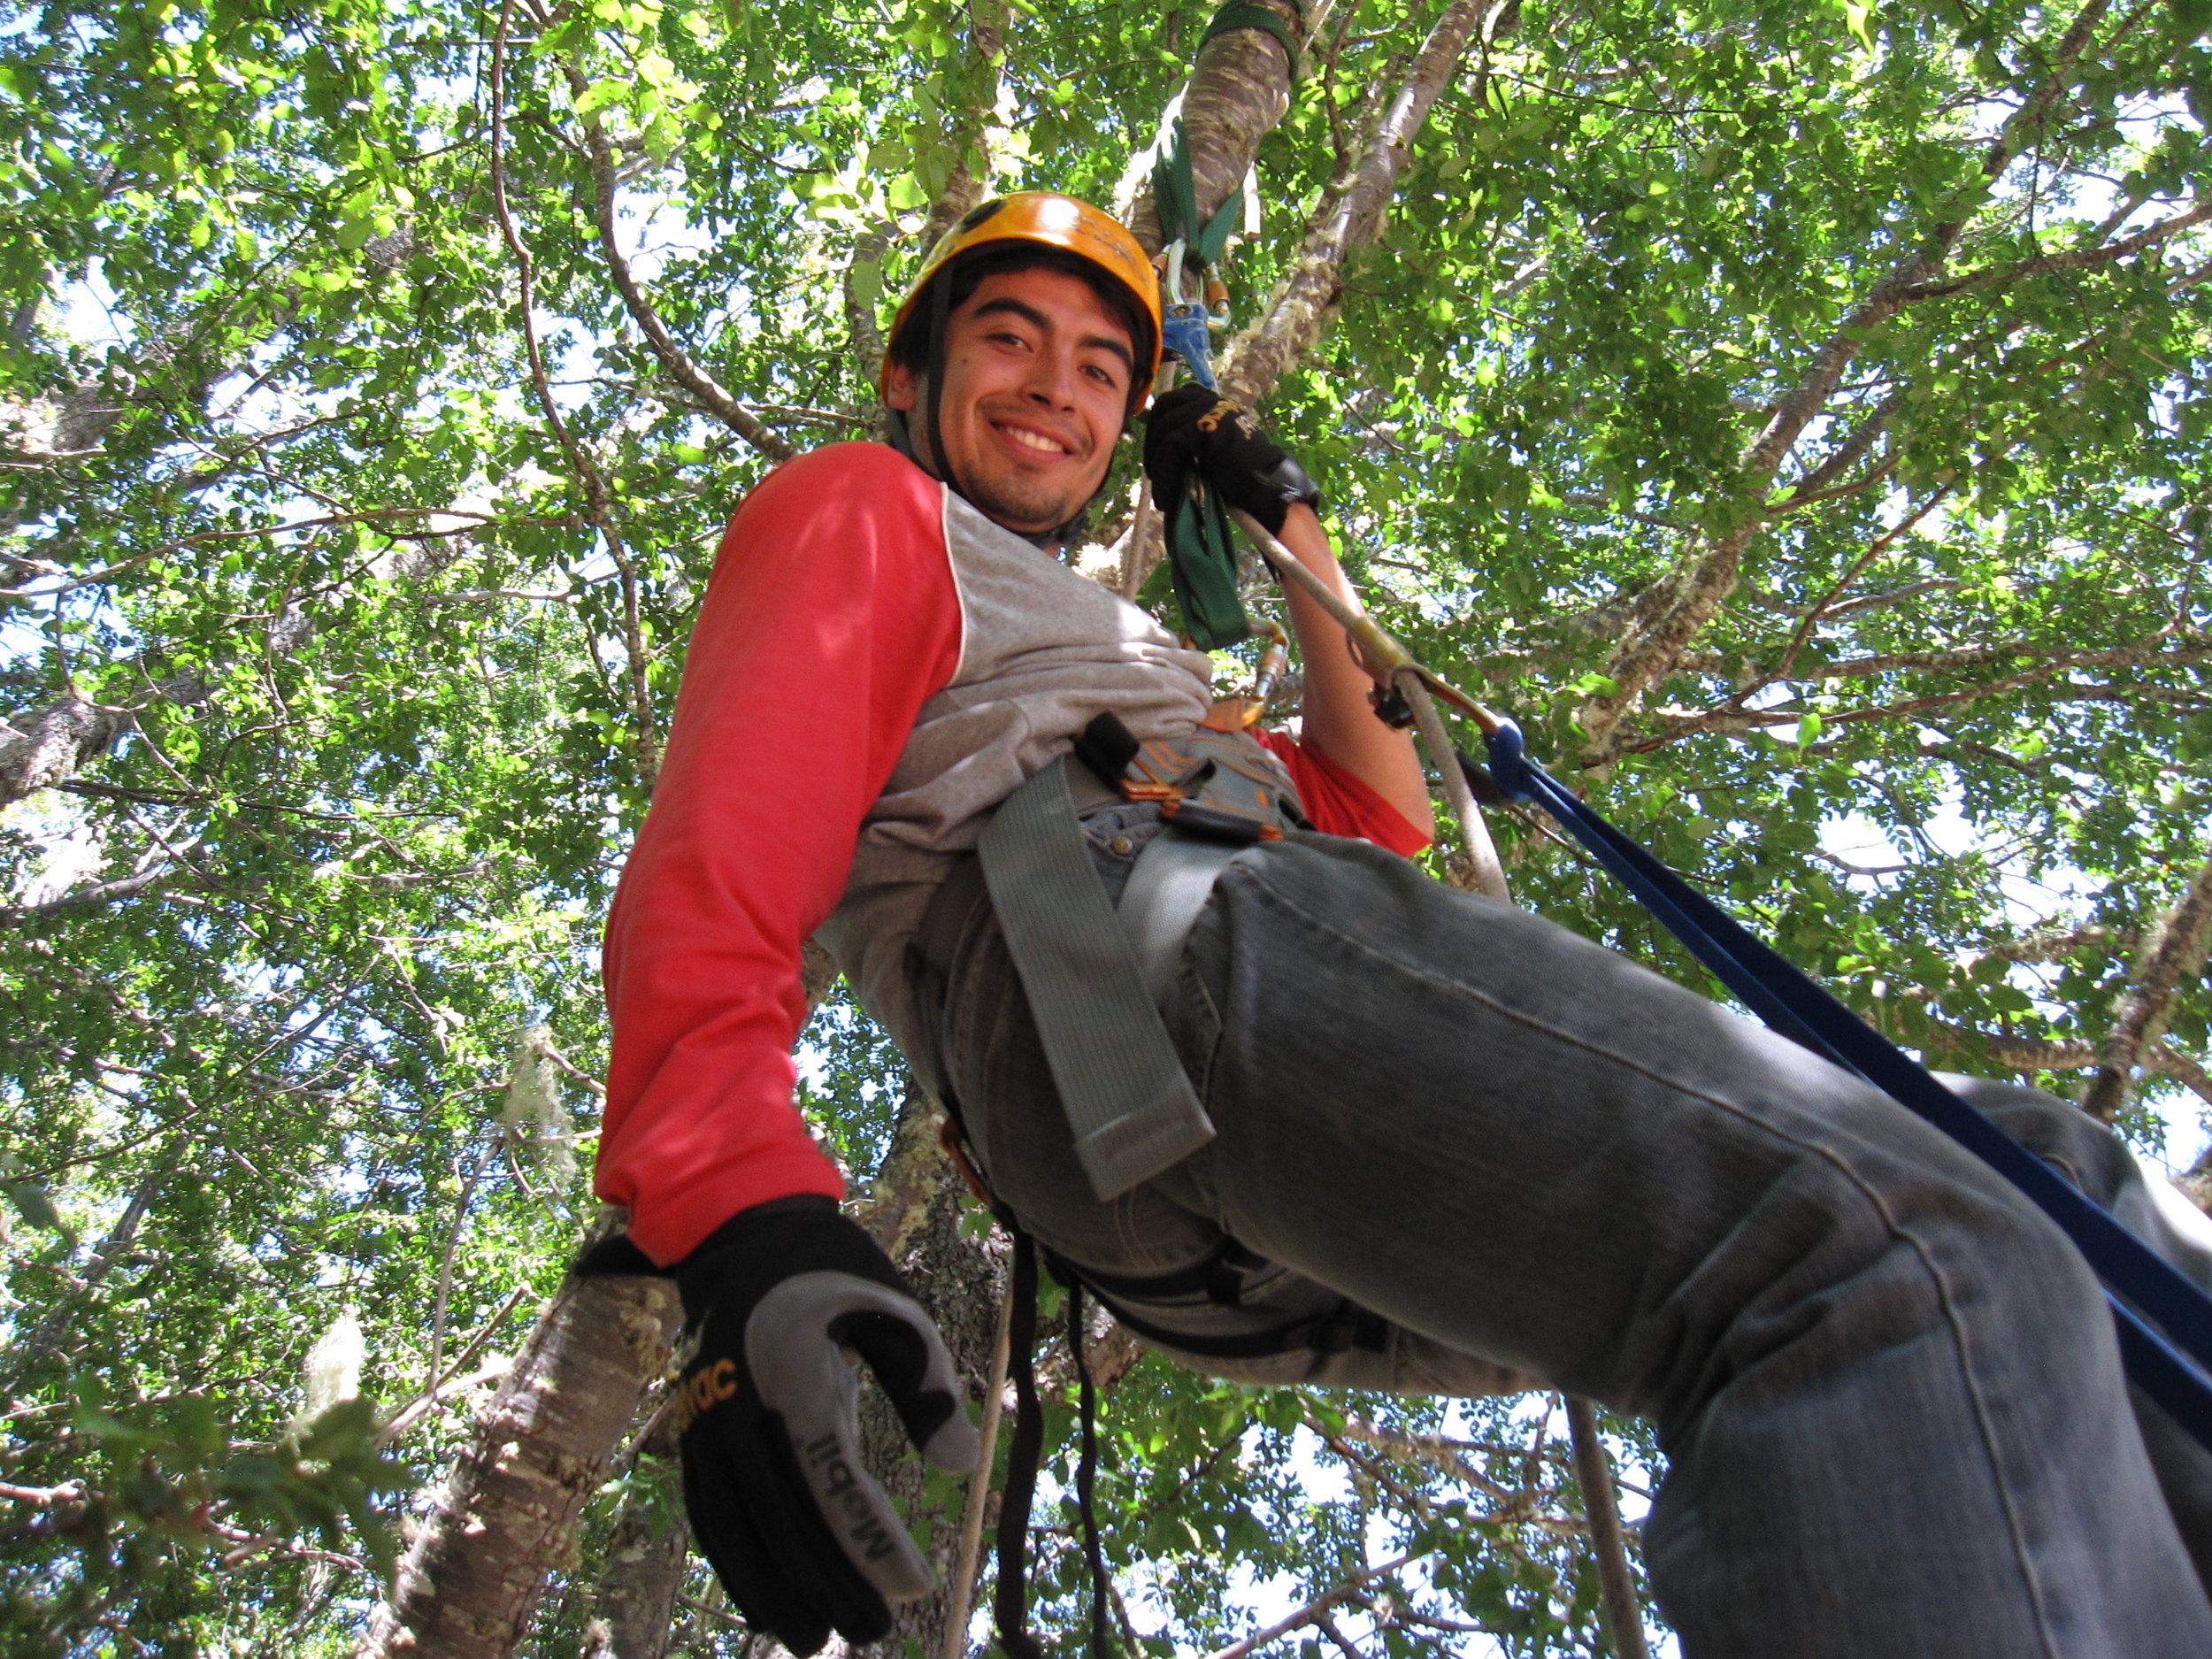 Jumar a Tree